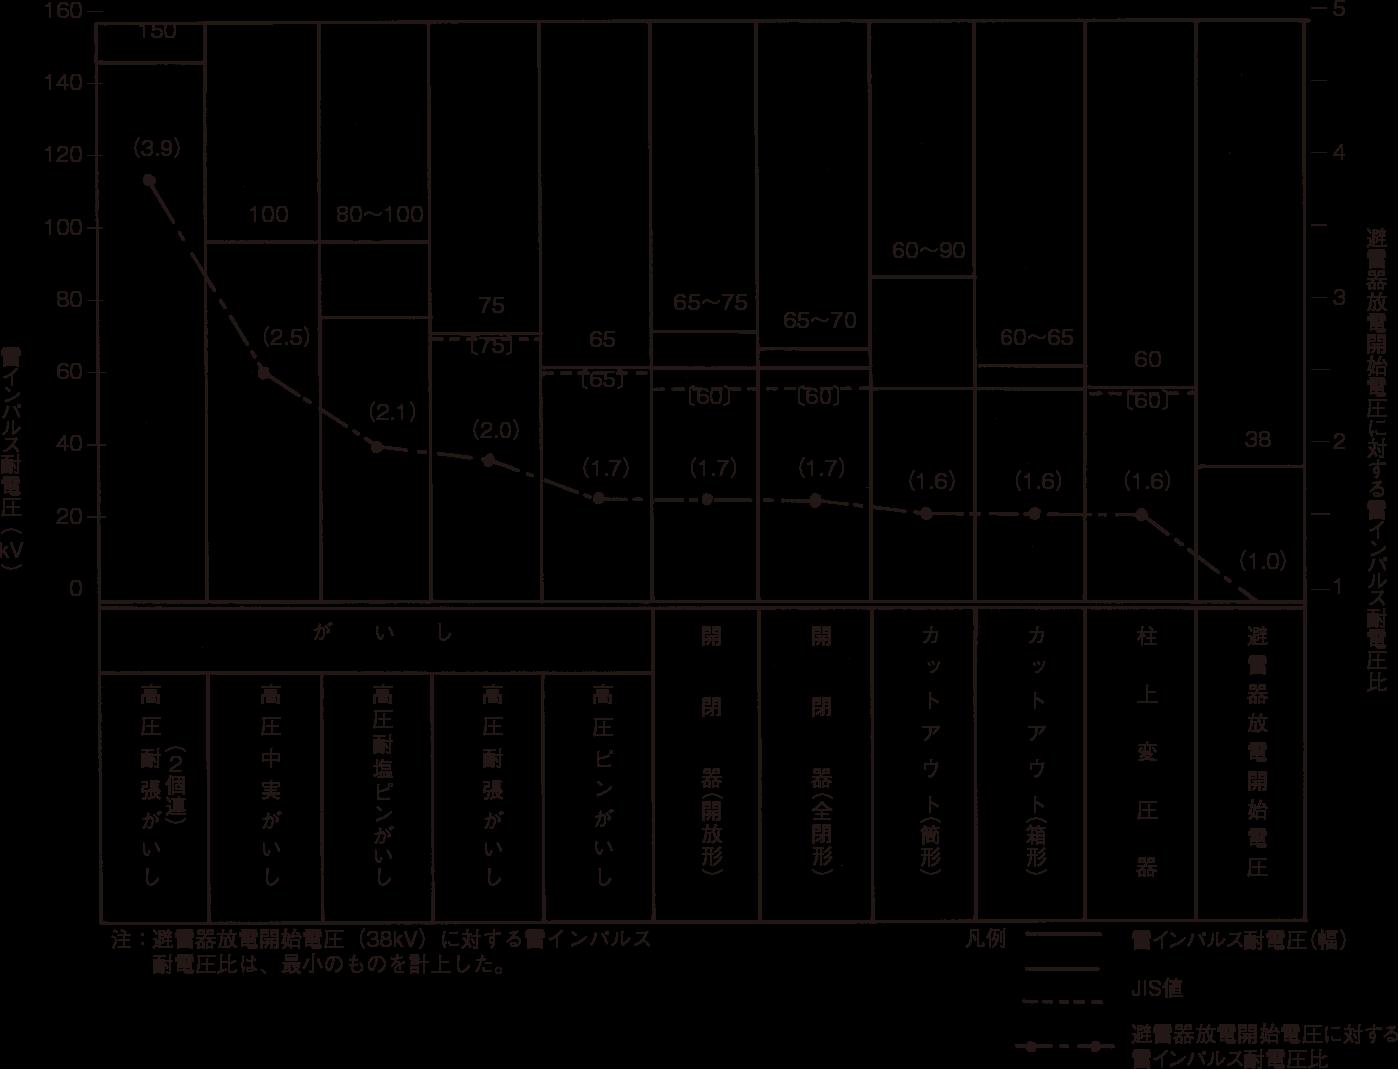 図15 6.6kV配電用機材の雷インパルス耐電圧とアレスタ放電開始電圧(出典:電気共同研究 第40巻 第6号)